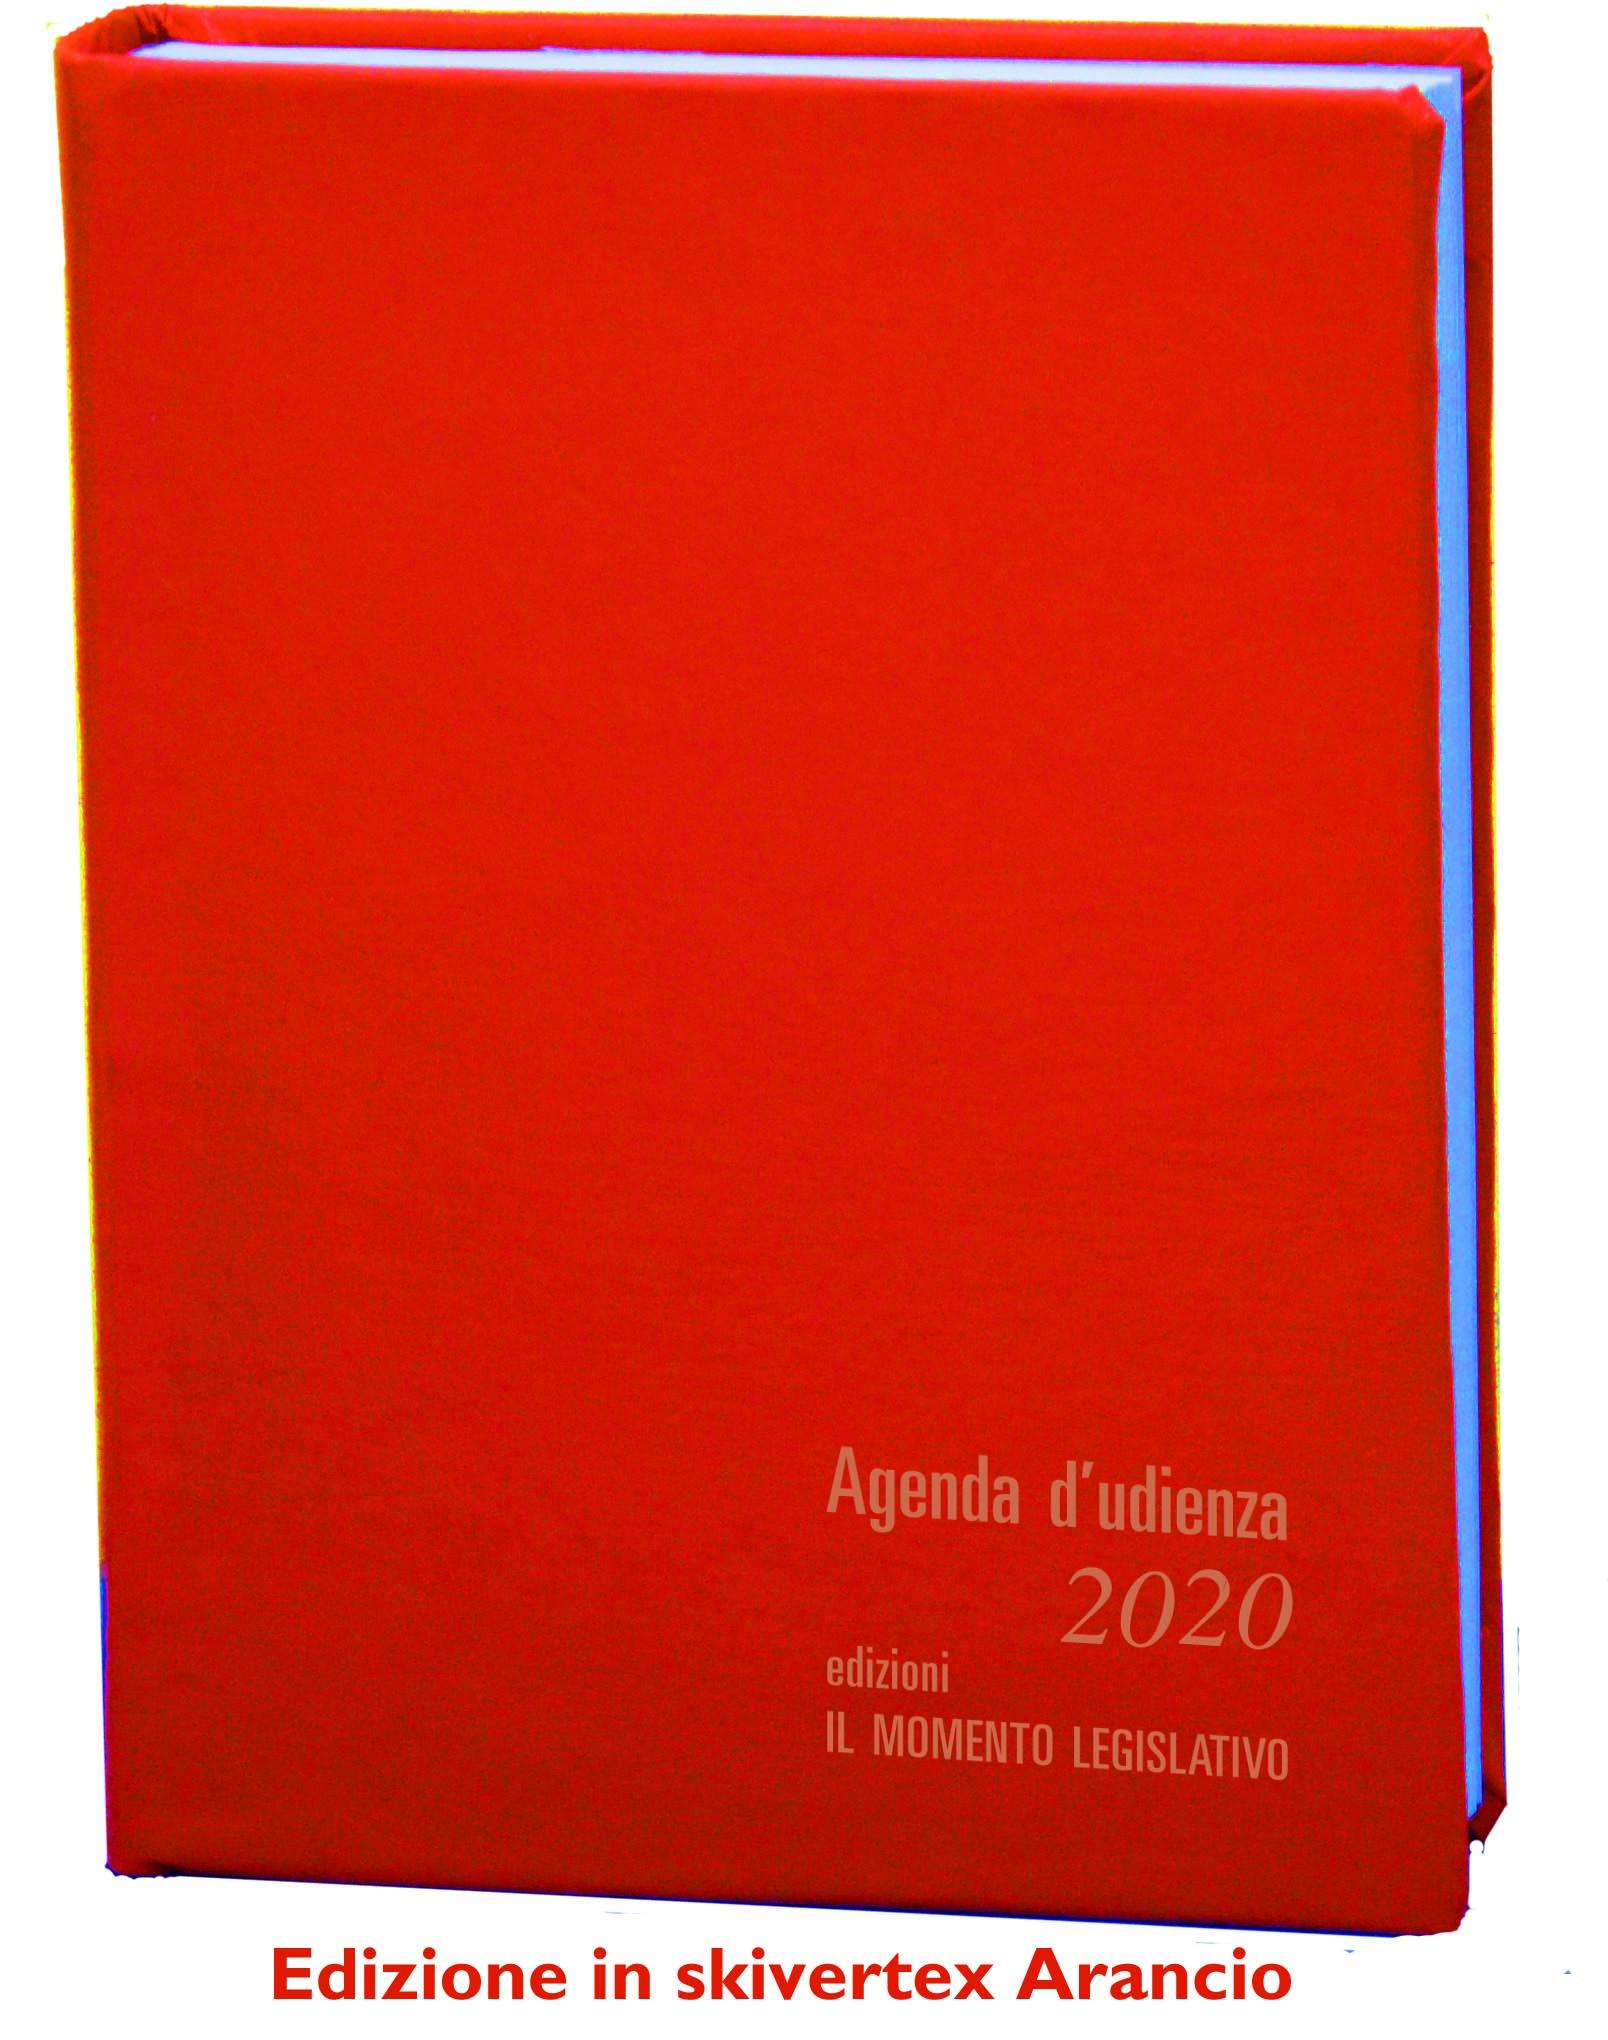 UdArancio2020D